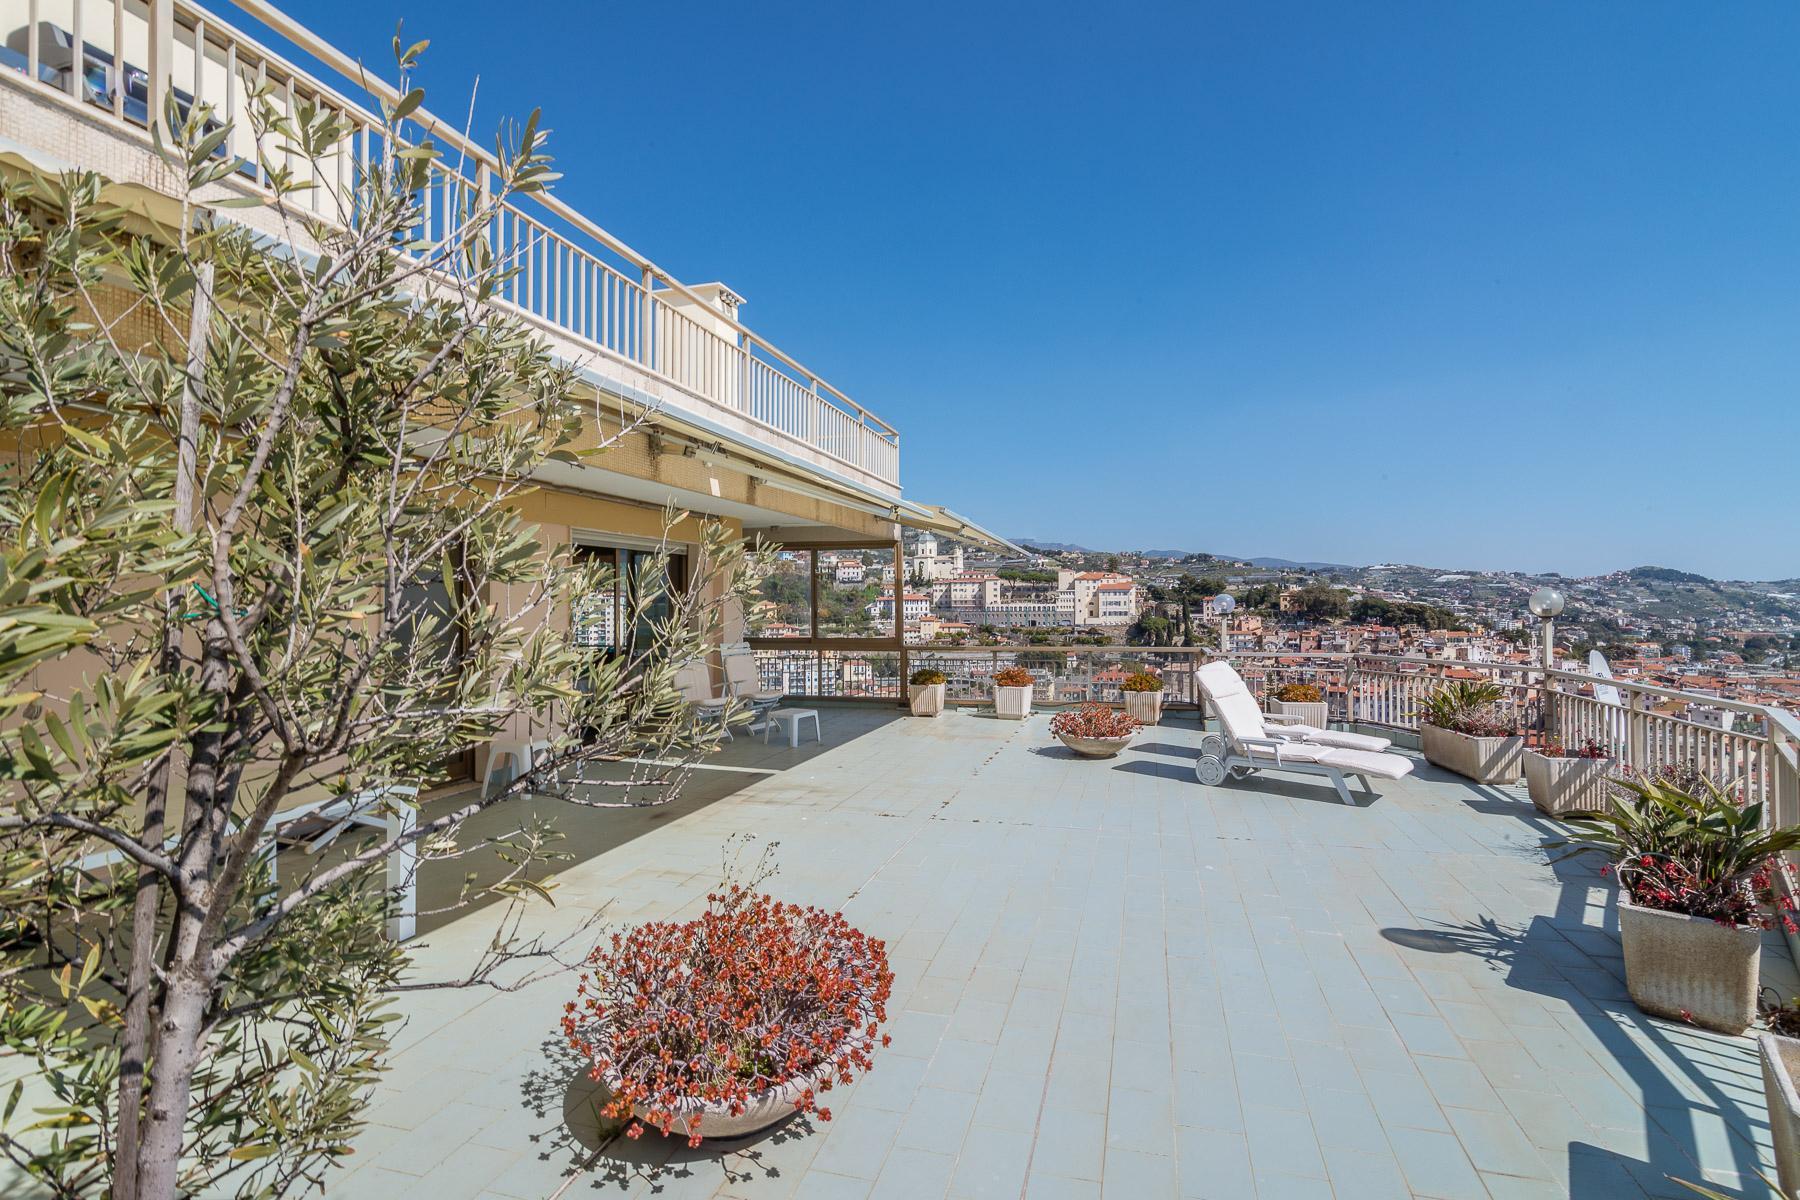 Appartement panoramique avec terrasse d'environ 80 mq - 5